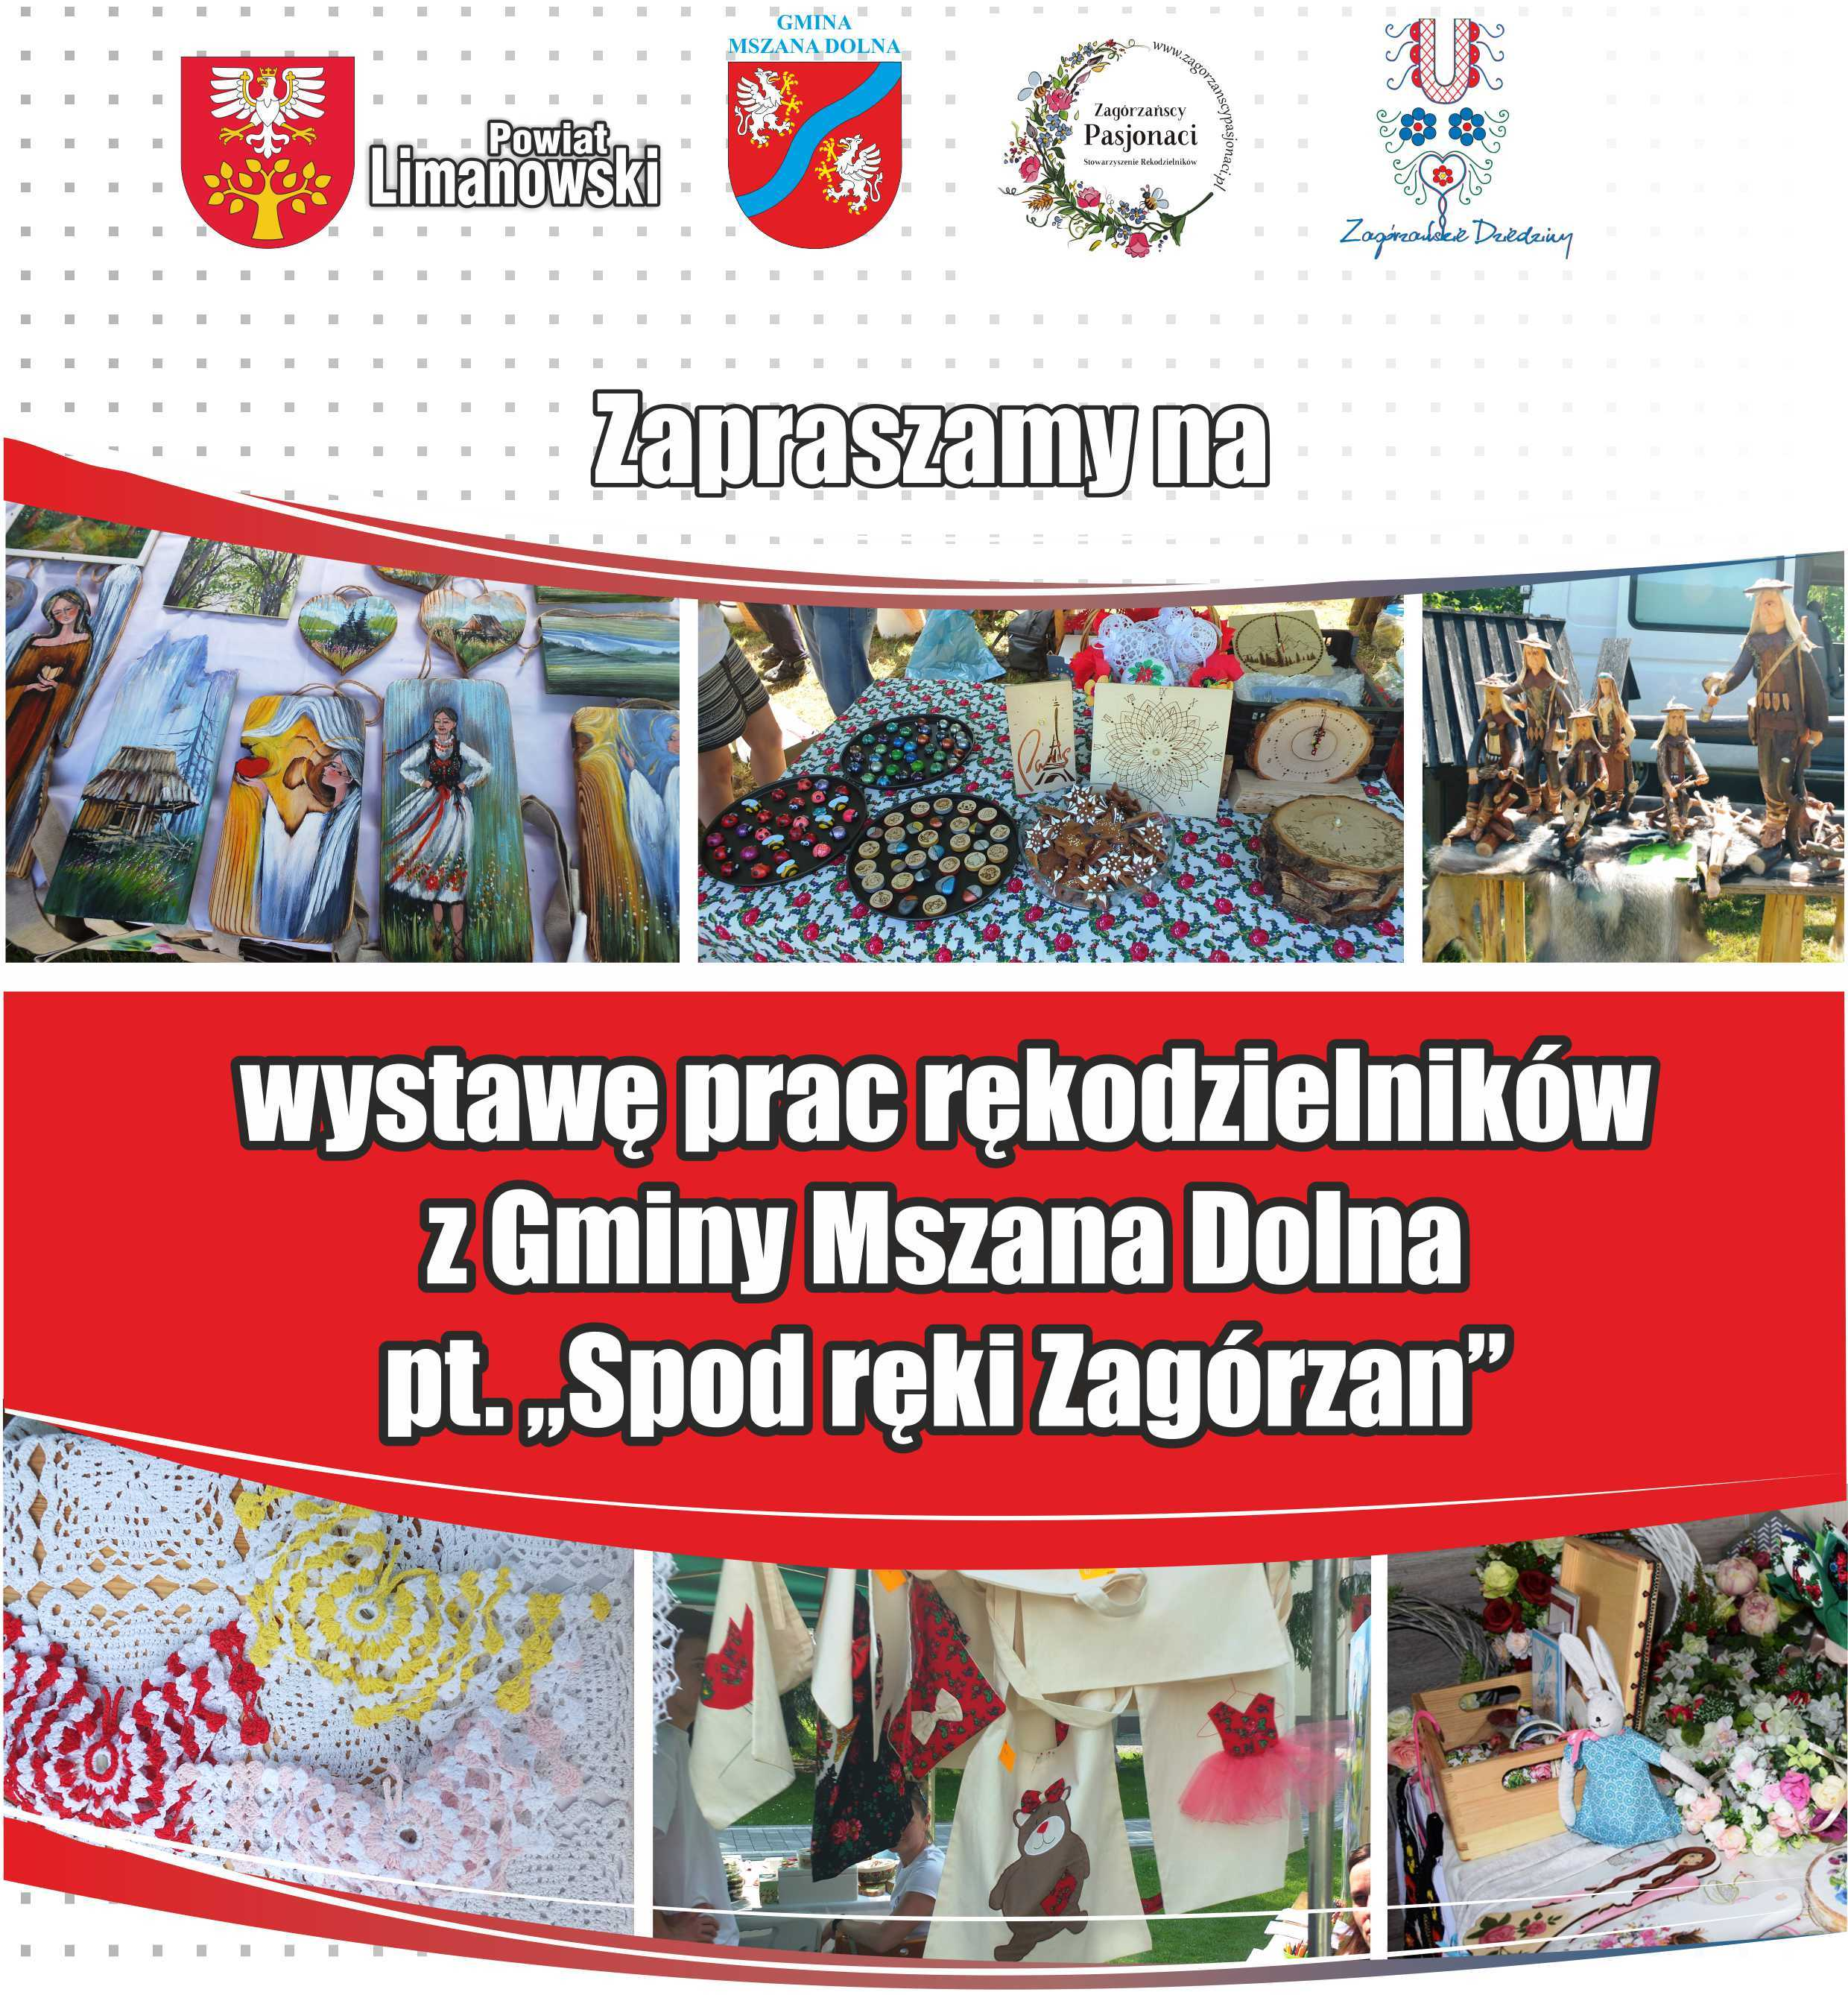 Plakat wystawy prac rękodzielników z gminy Mszana Dolna